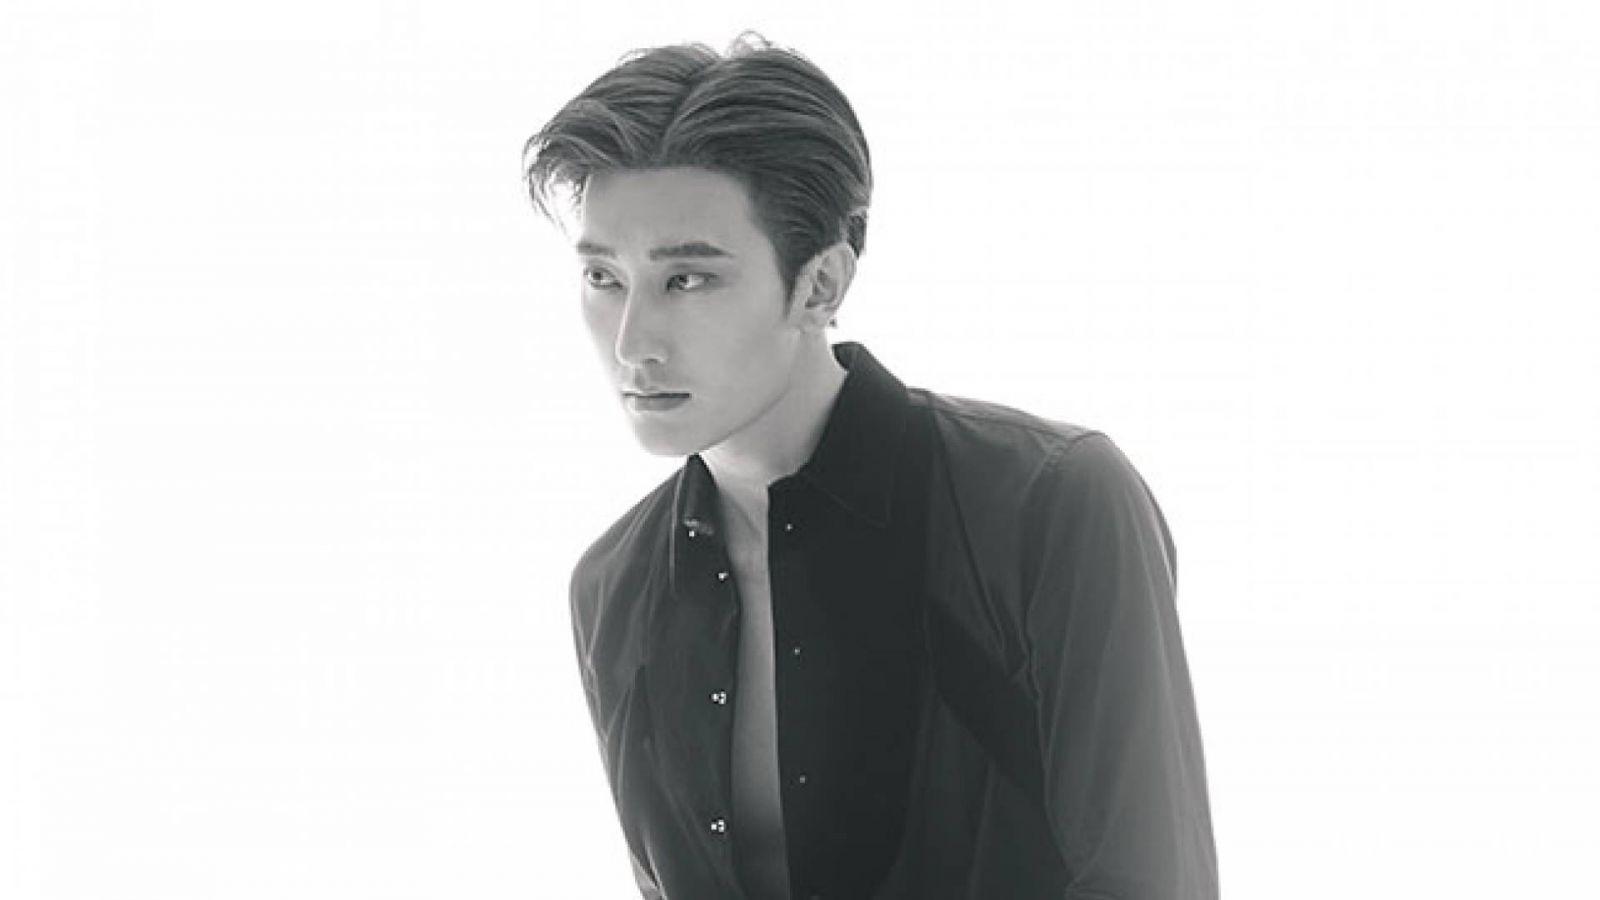 ZHOUMI © SM Entertainment